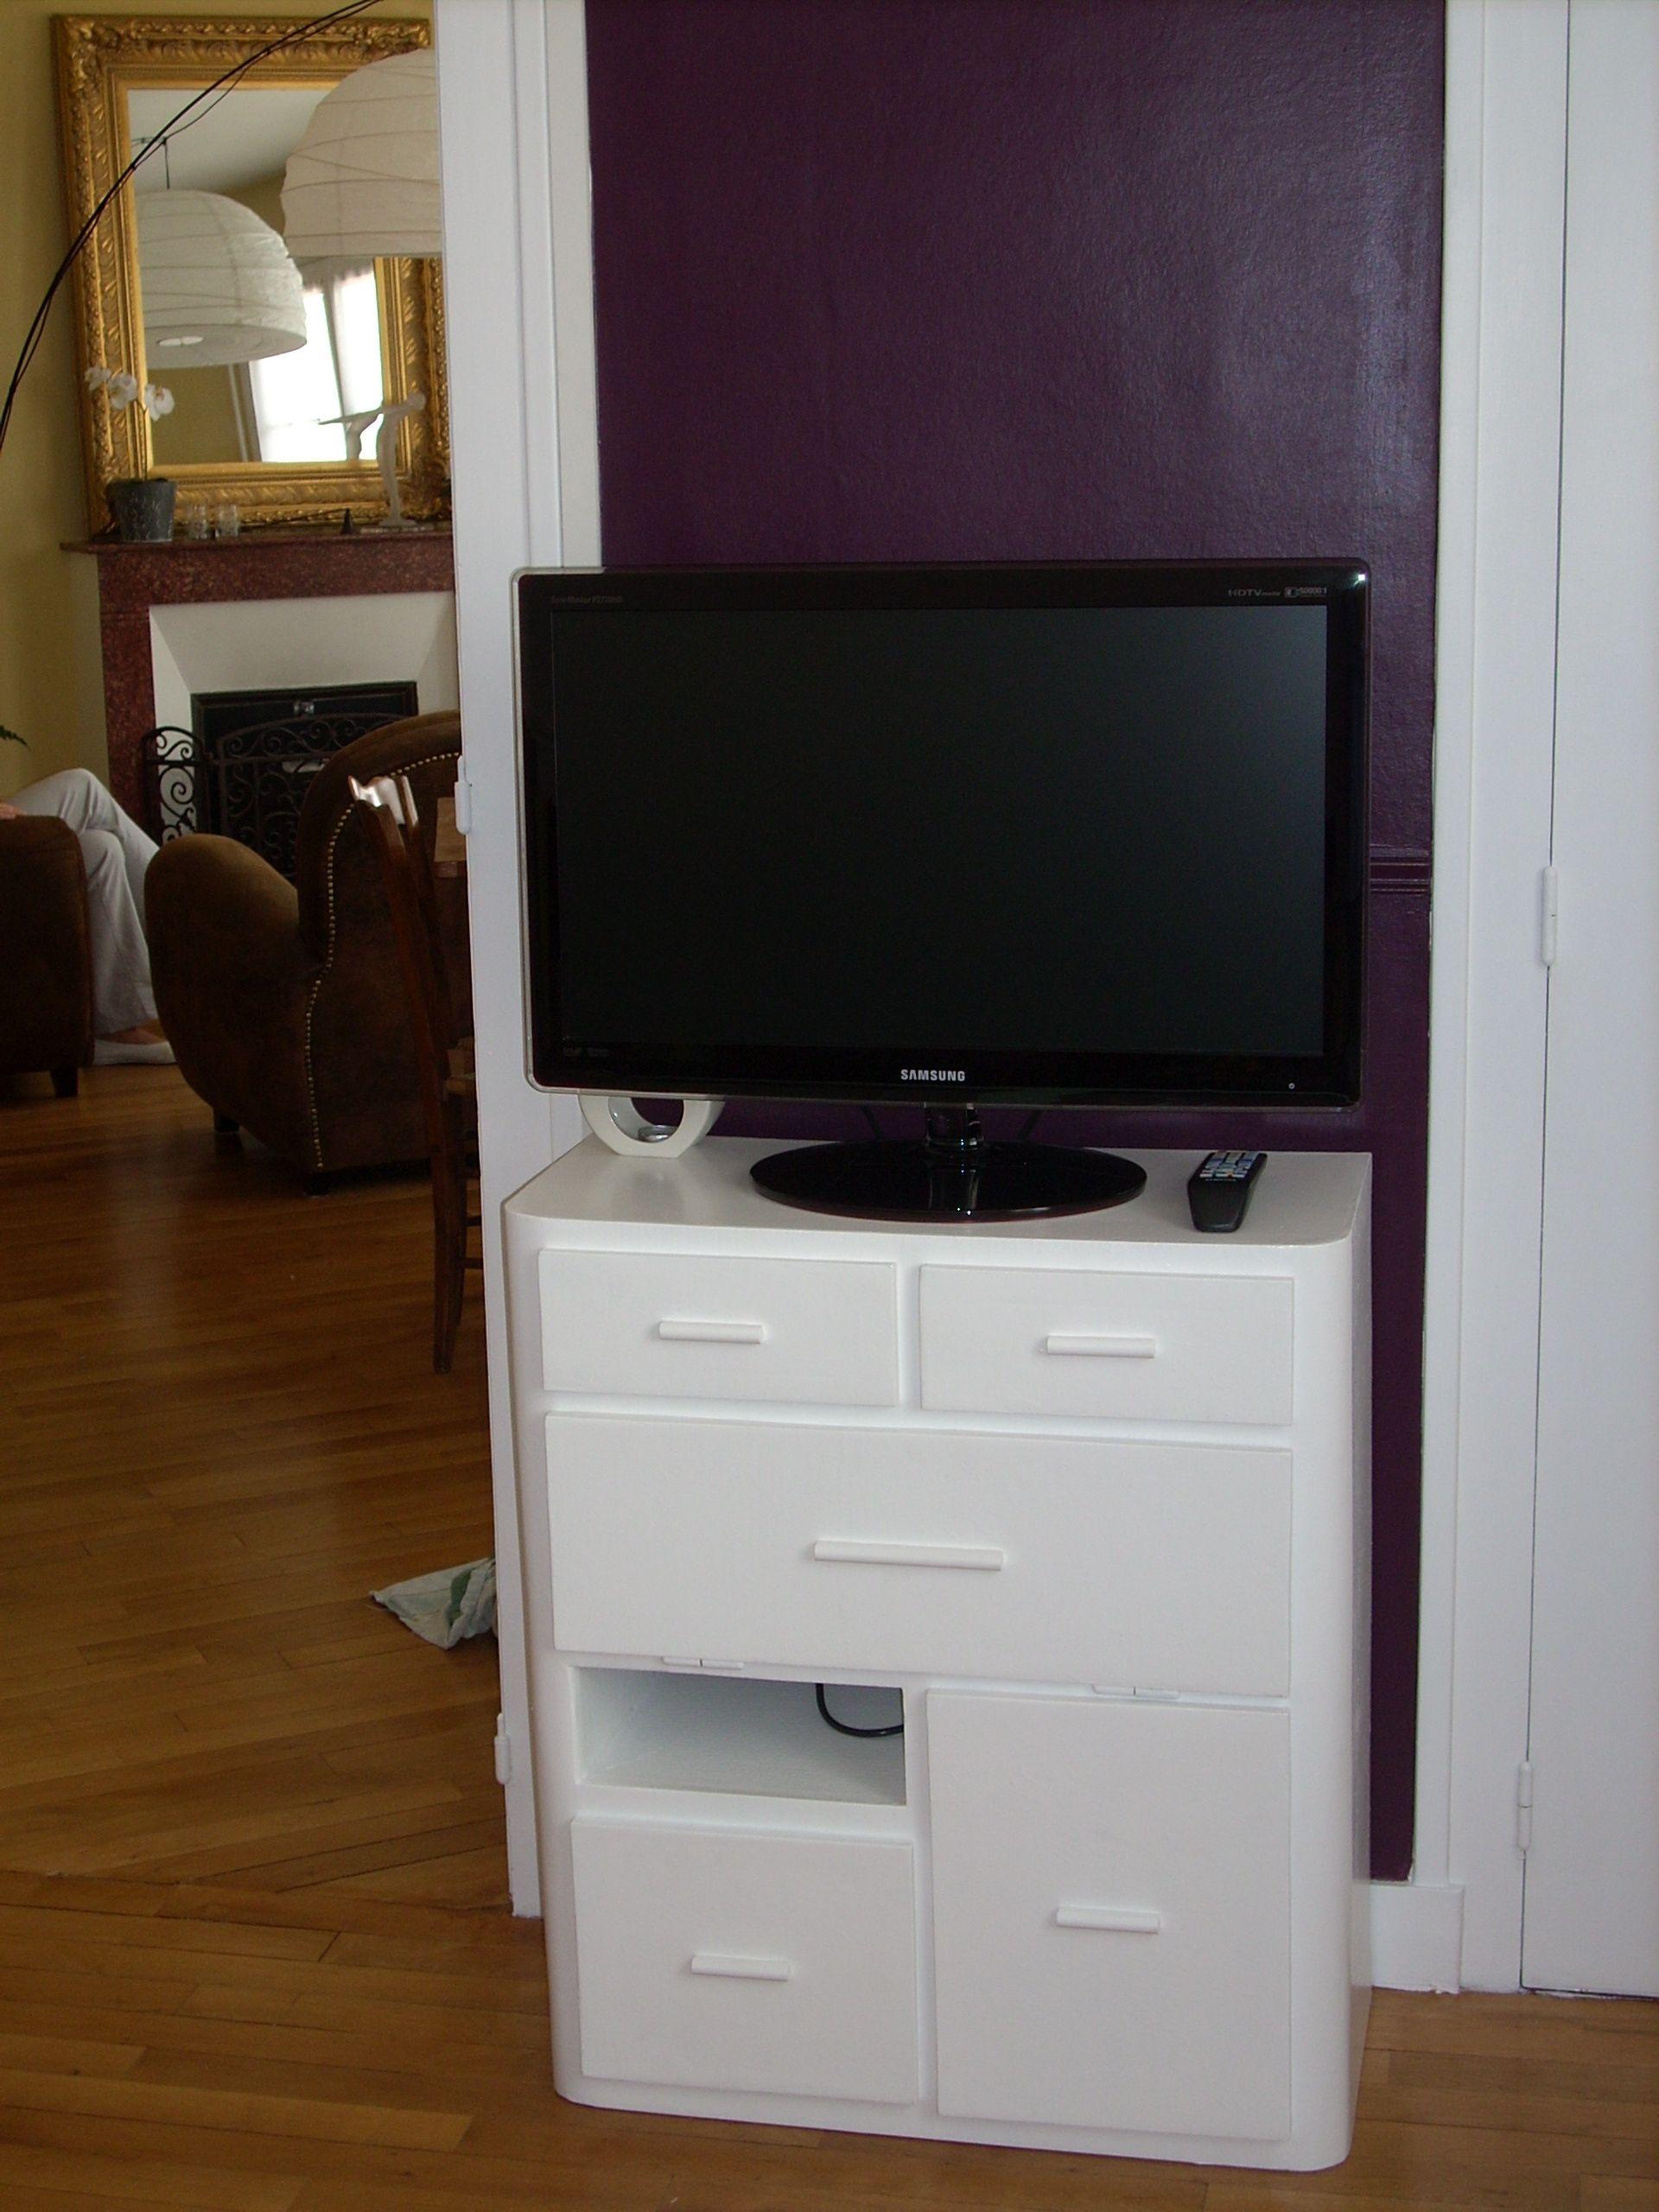 Sg Mobilier Carton Meuble Tv En Carton Www Mobilier Carton Sur Mesure Com Meuble En Carton Mobilier En Carton Mobilier De Salon